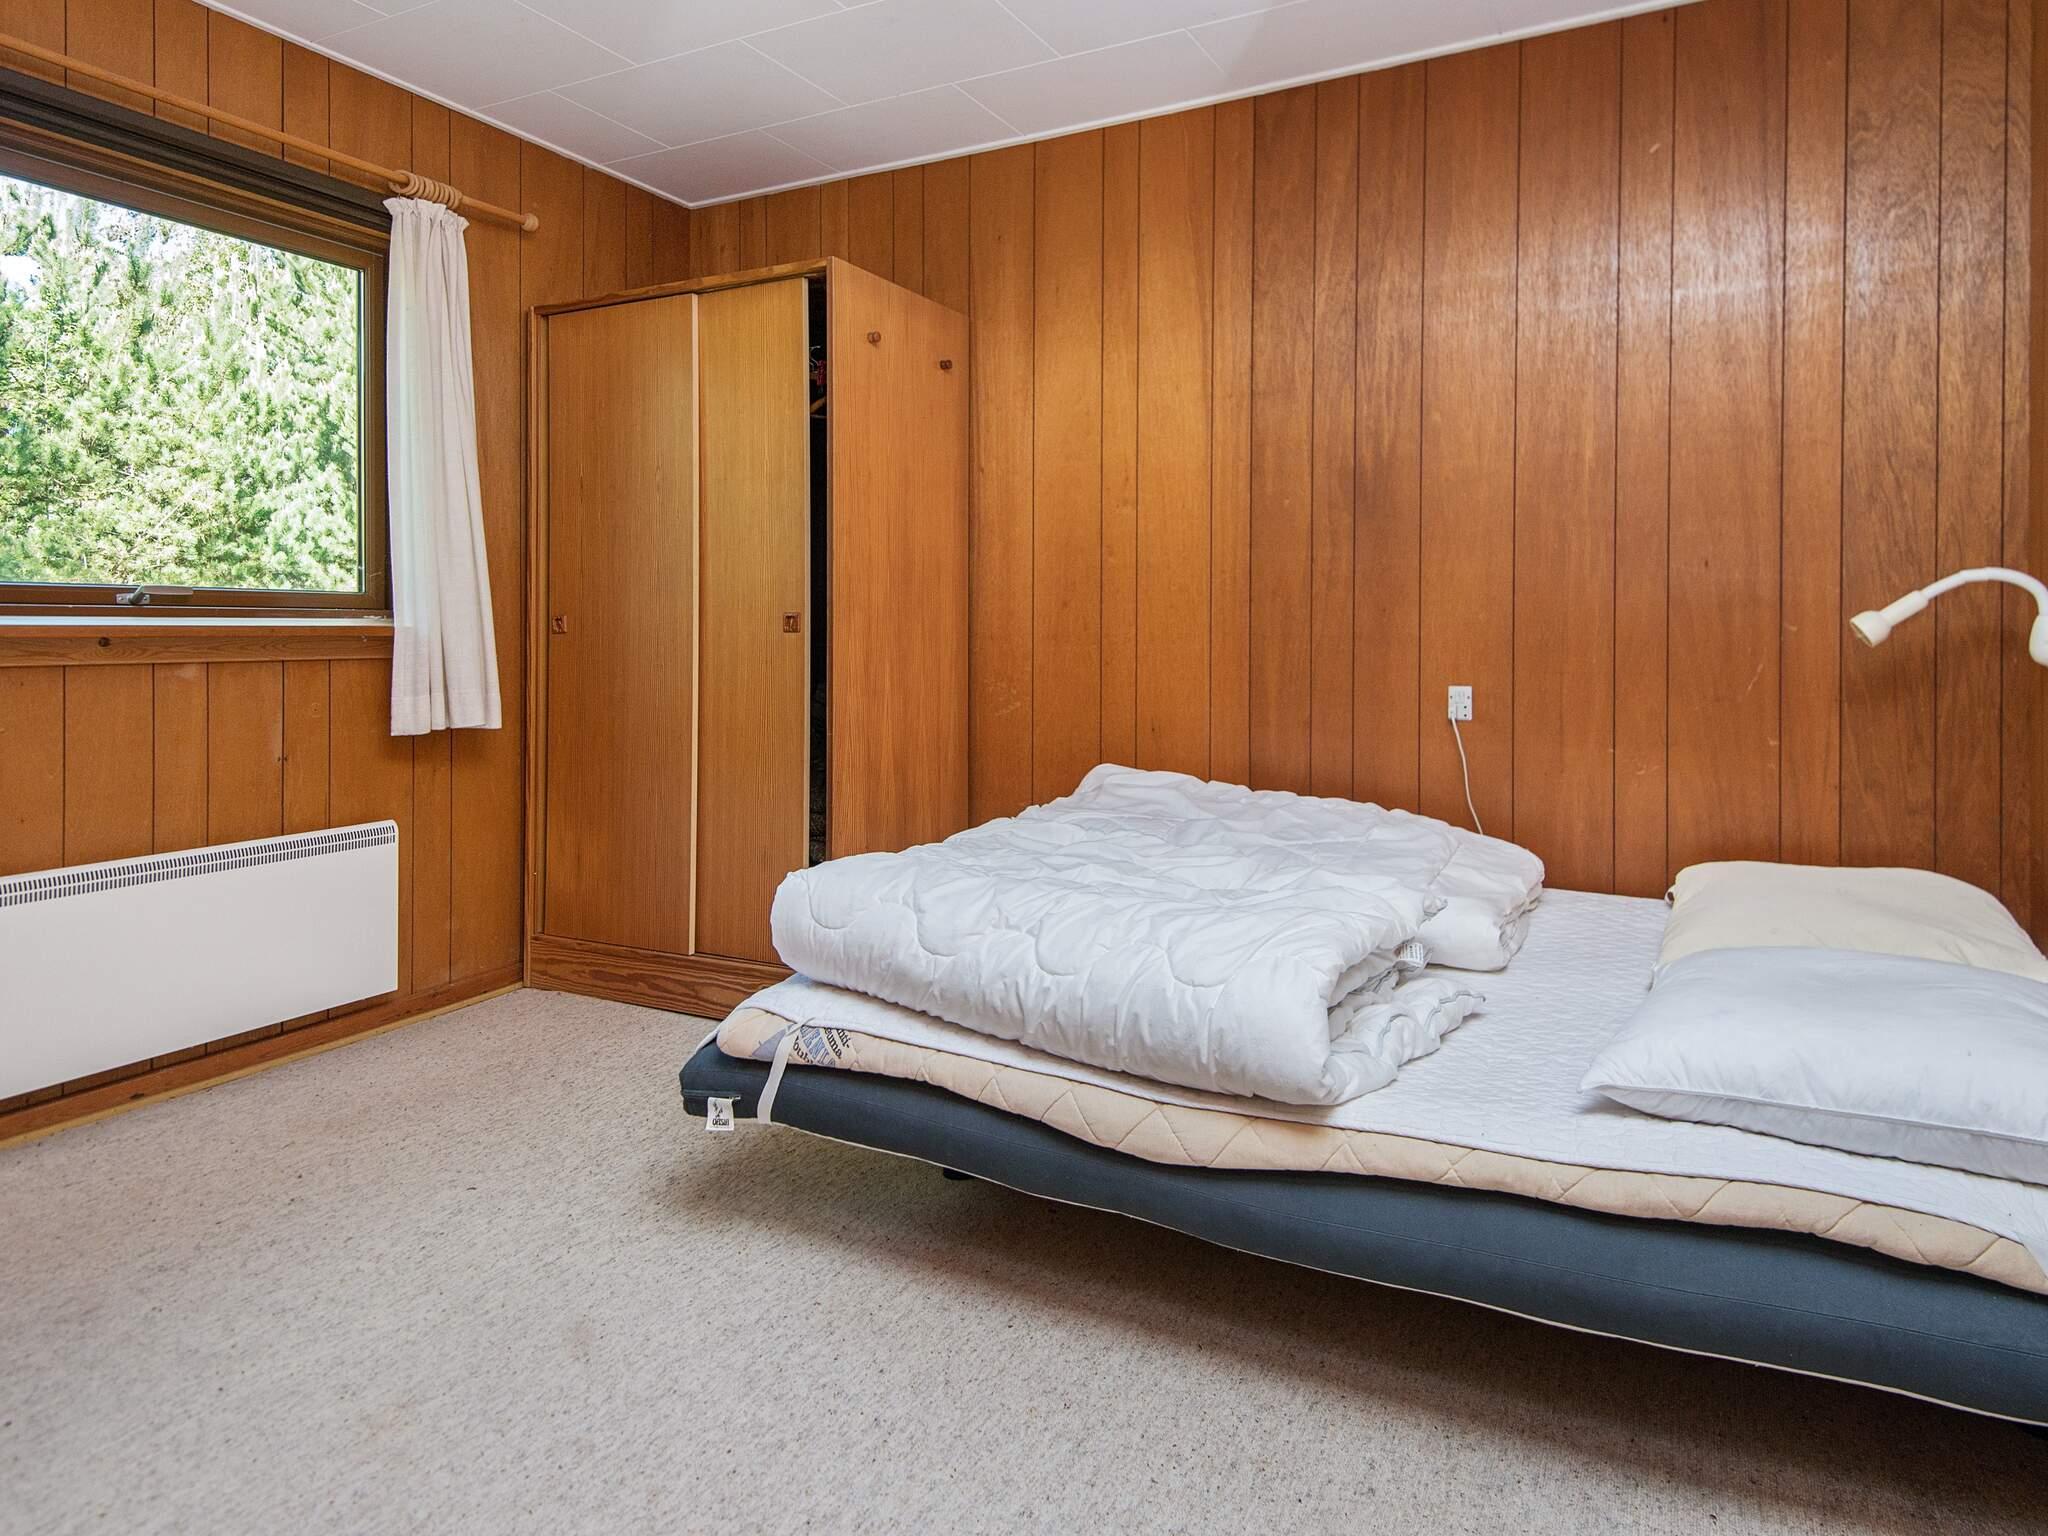 Ferienhaus Rømø/Sønder Strand (241767), Rømø, , Südwestjütland, Dänemark, Bild 10